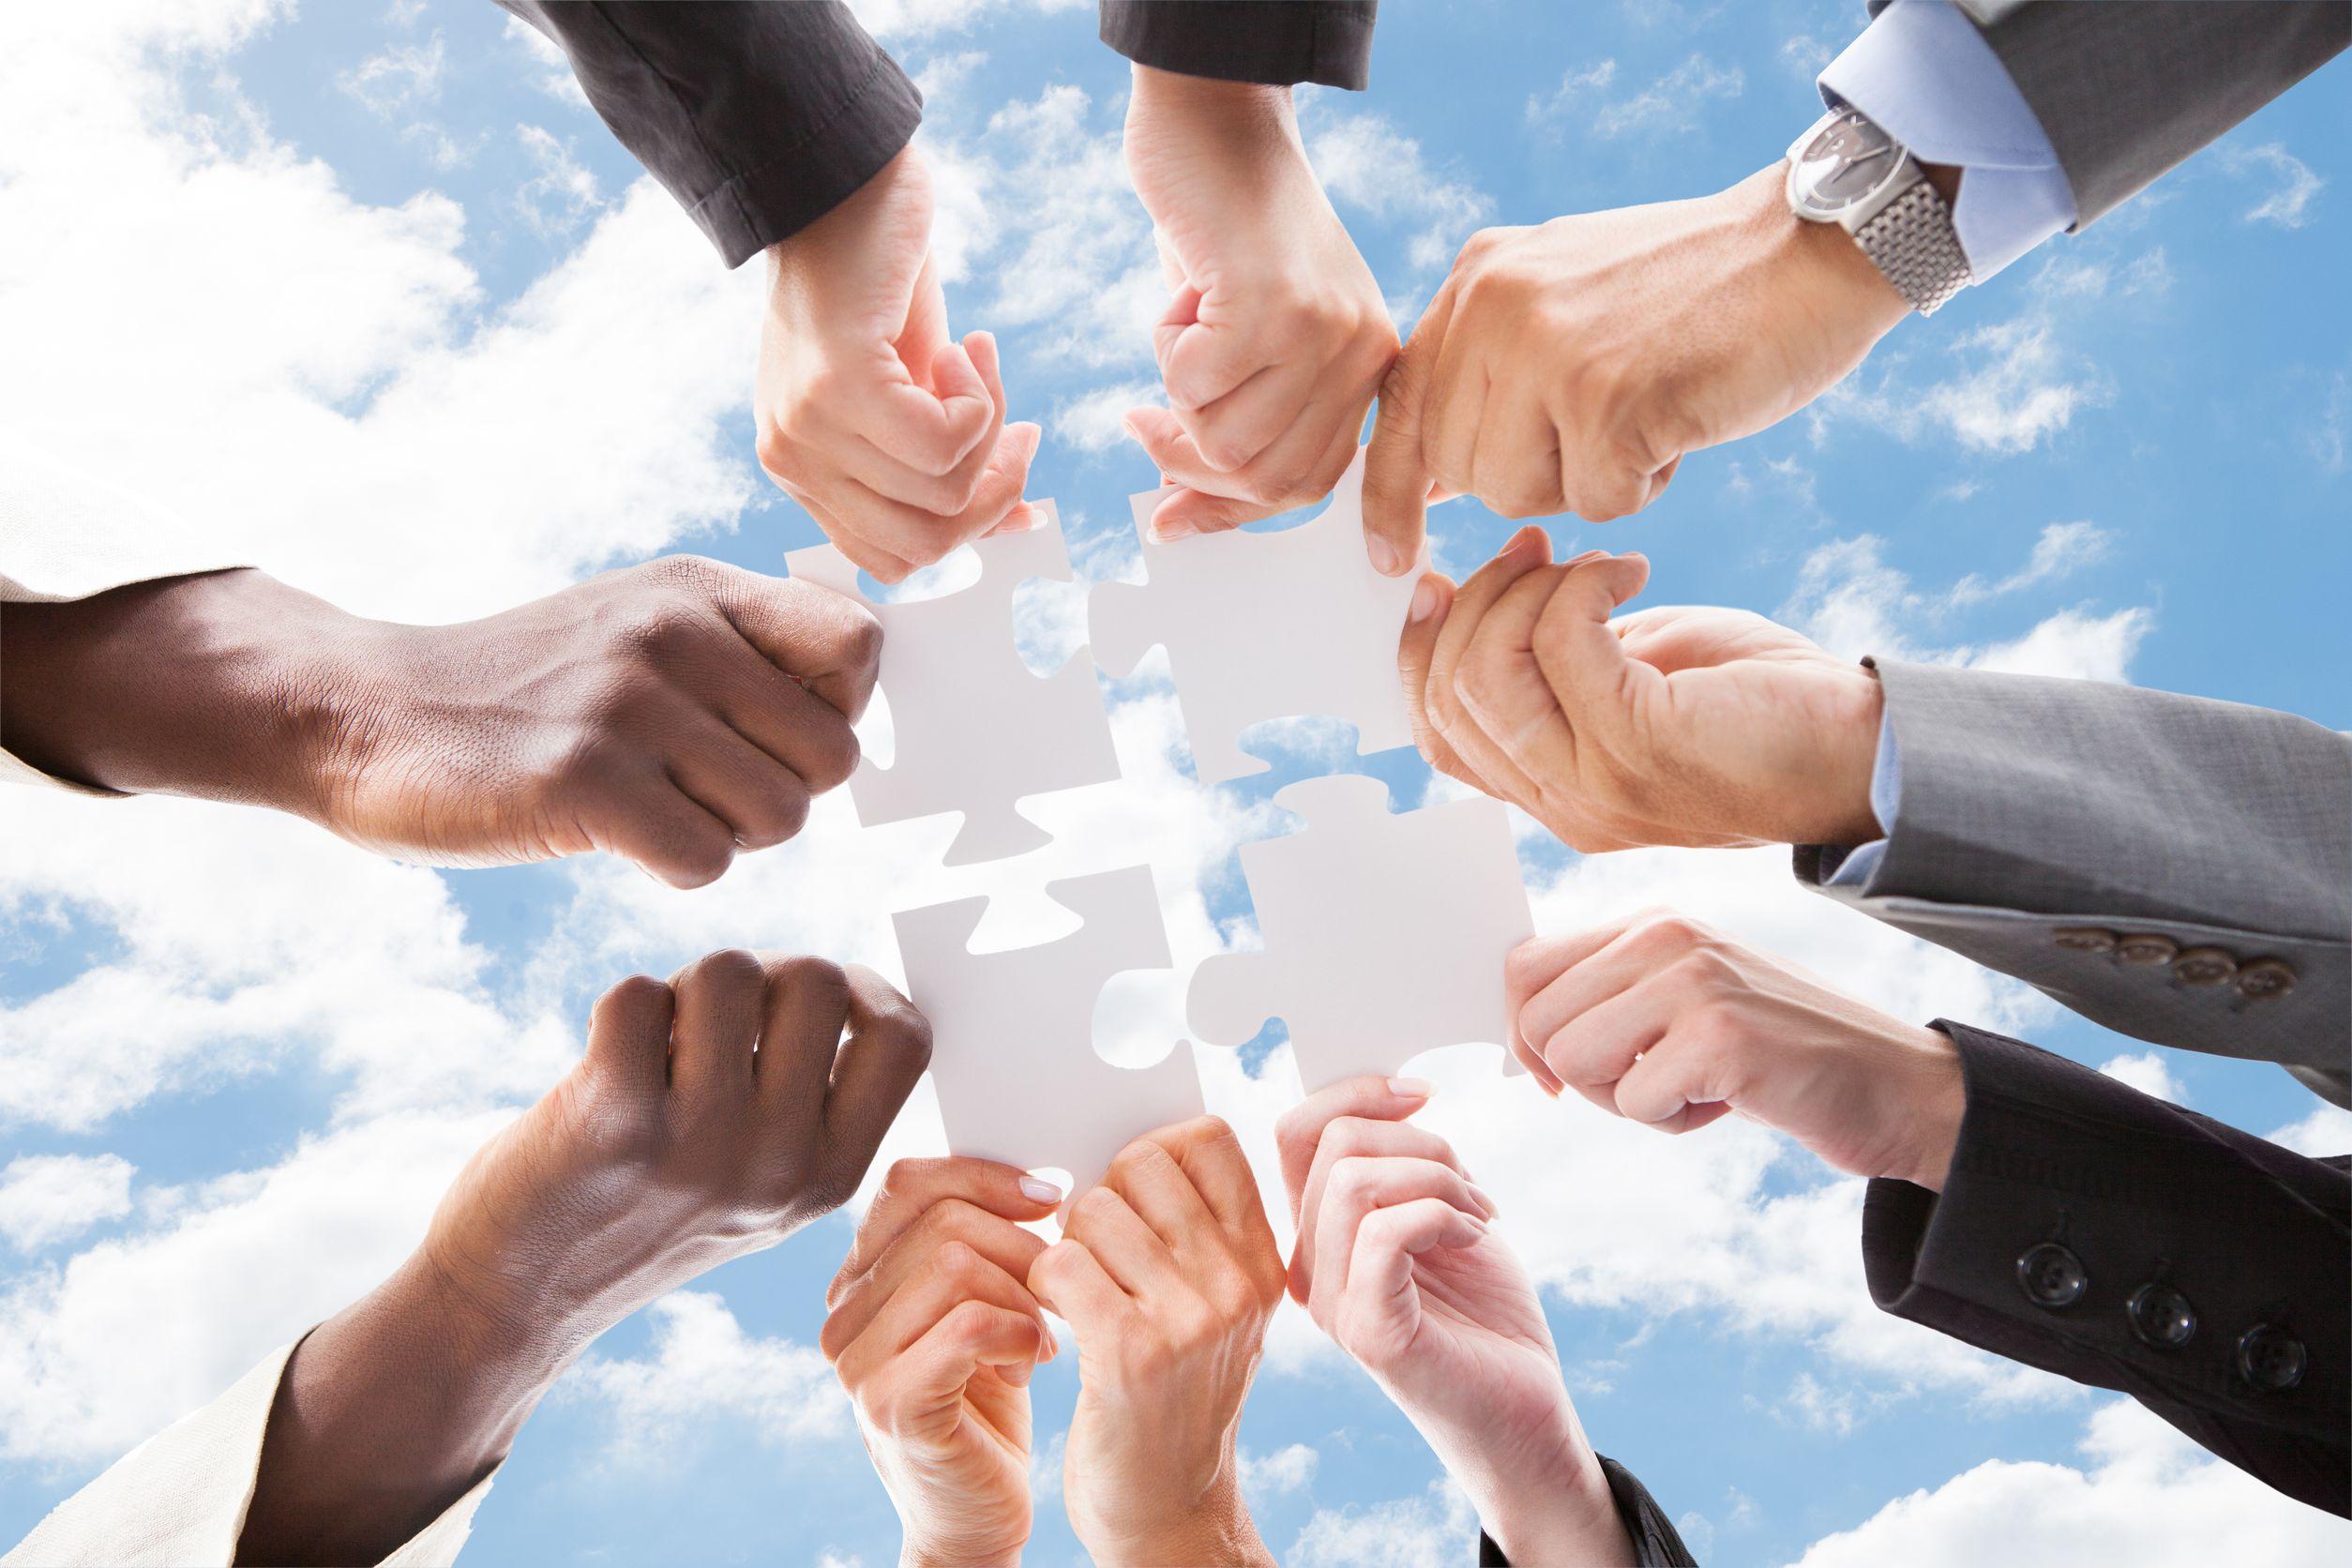 strategi kolaborasi dalam manajemen millenial, act consulting